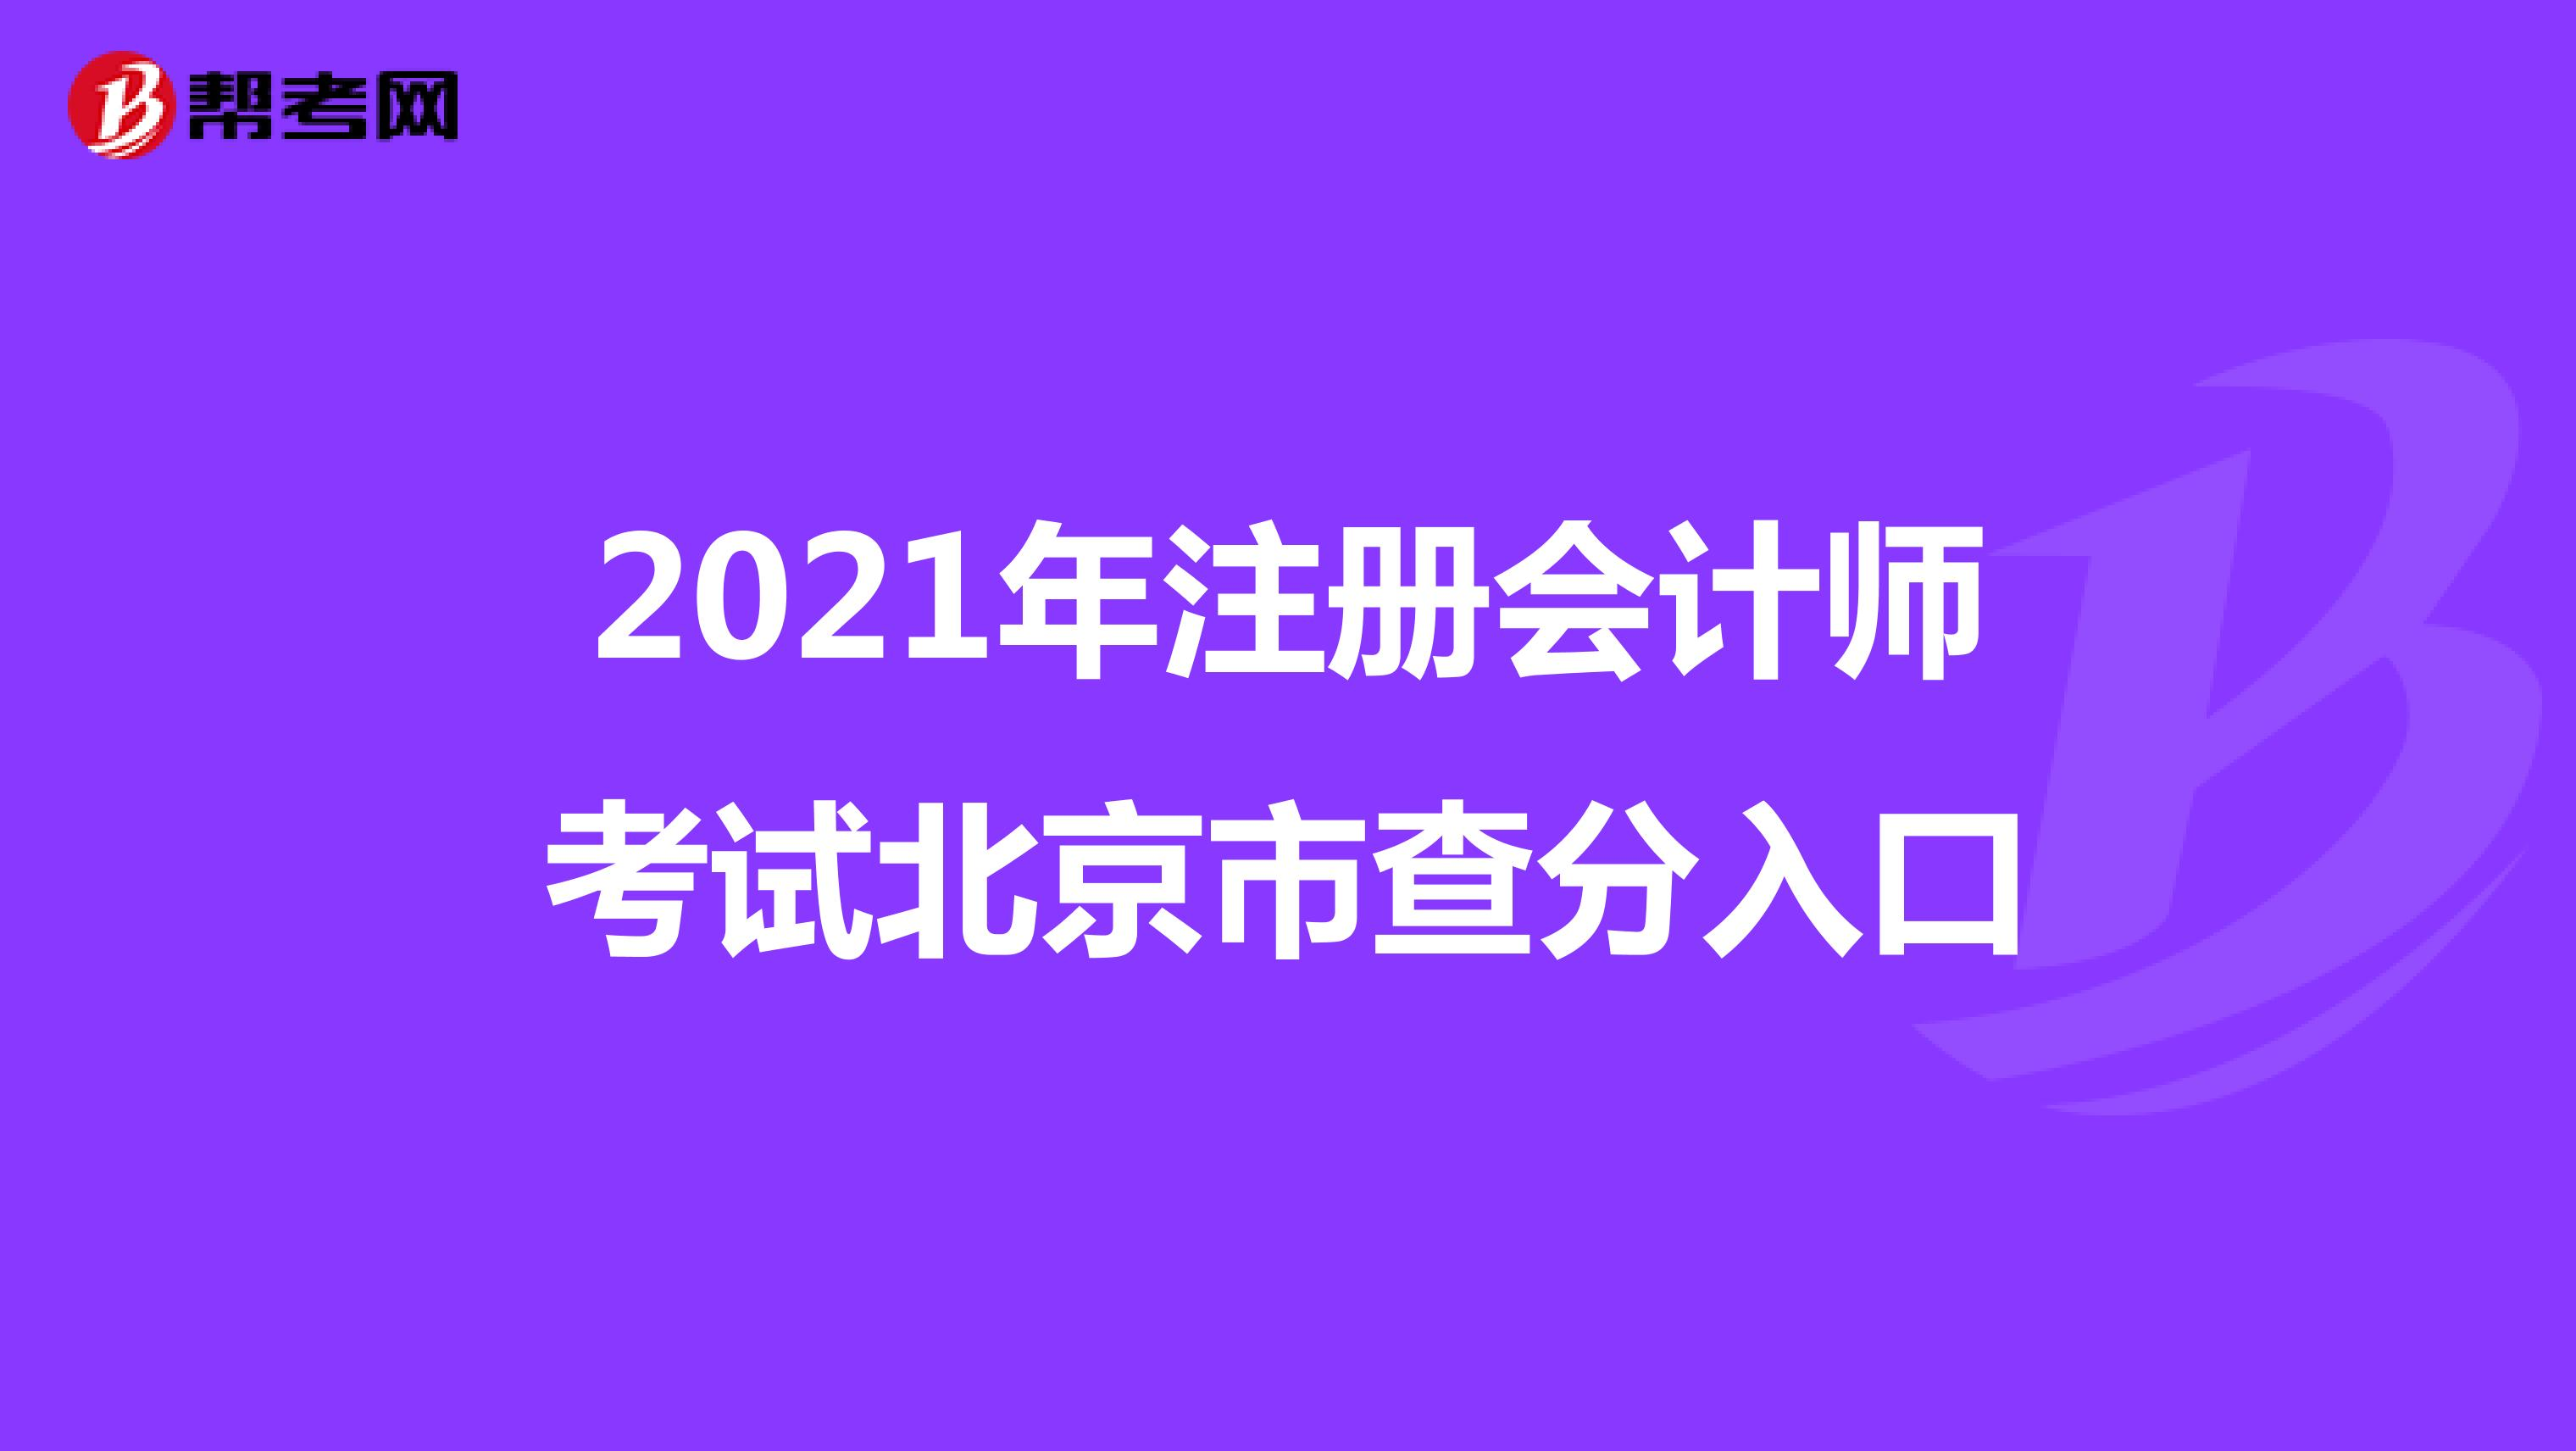 2021年【hot88热竞技提款】注册会计师考试北京市查分入口